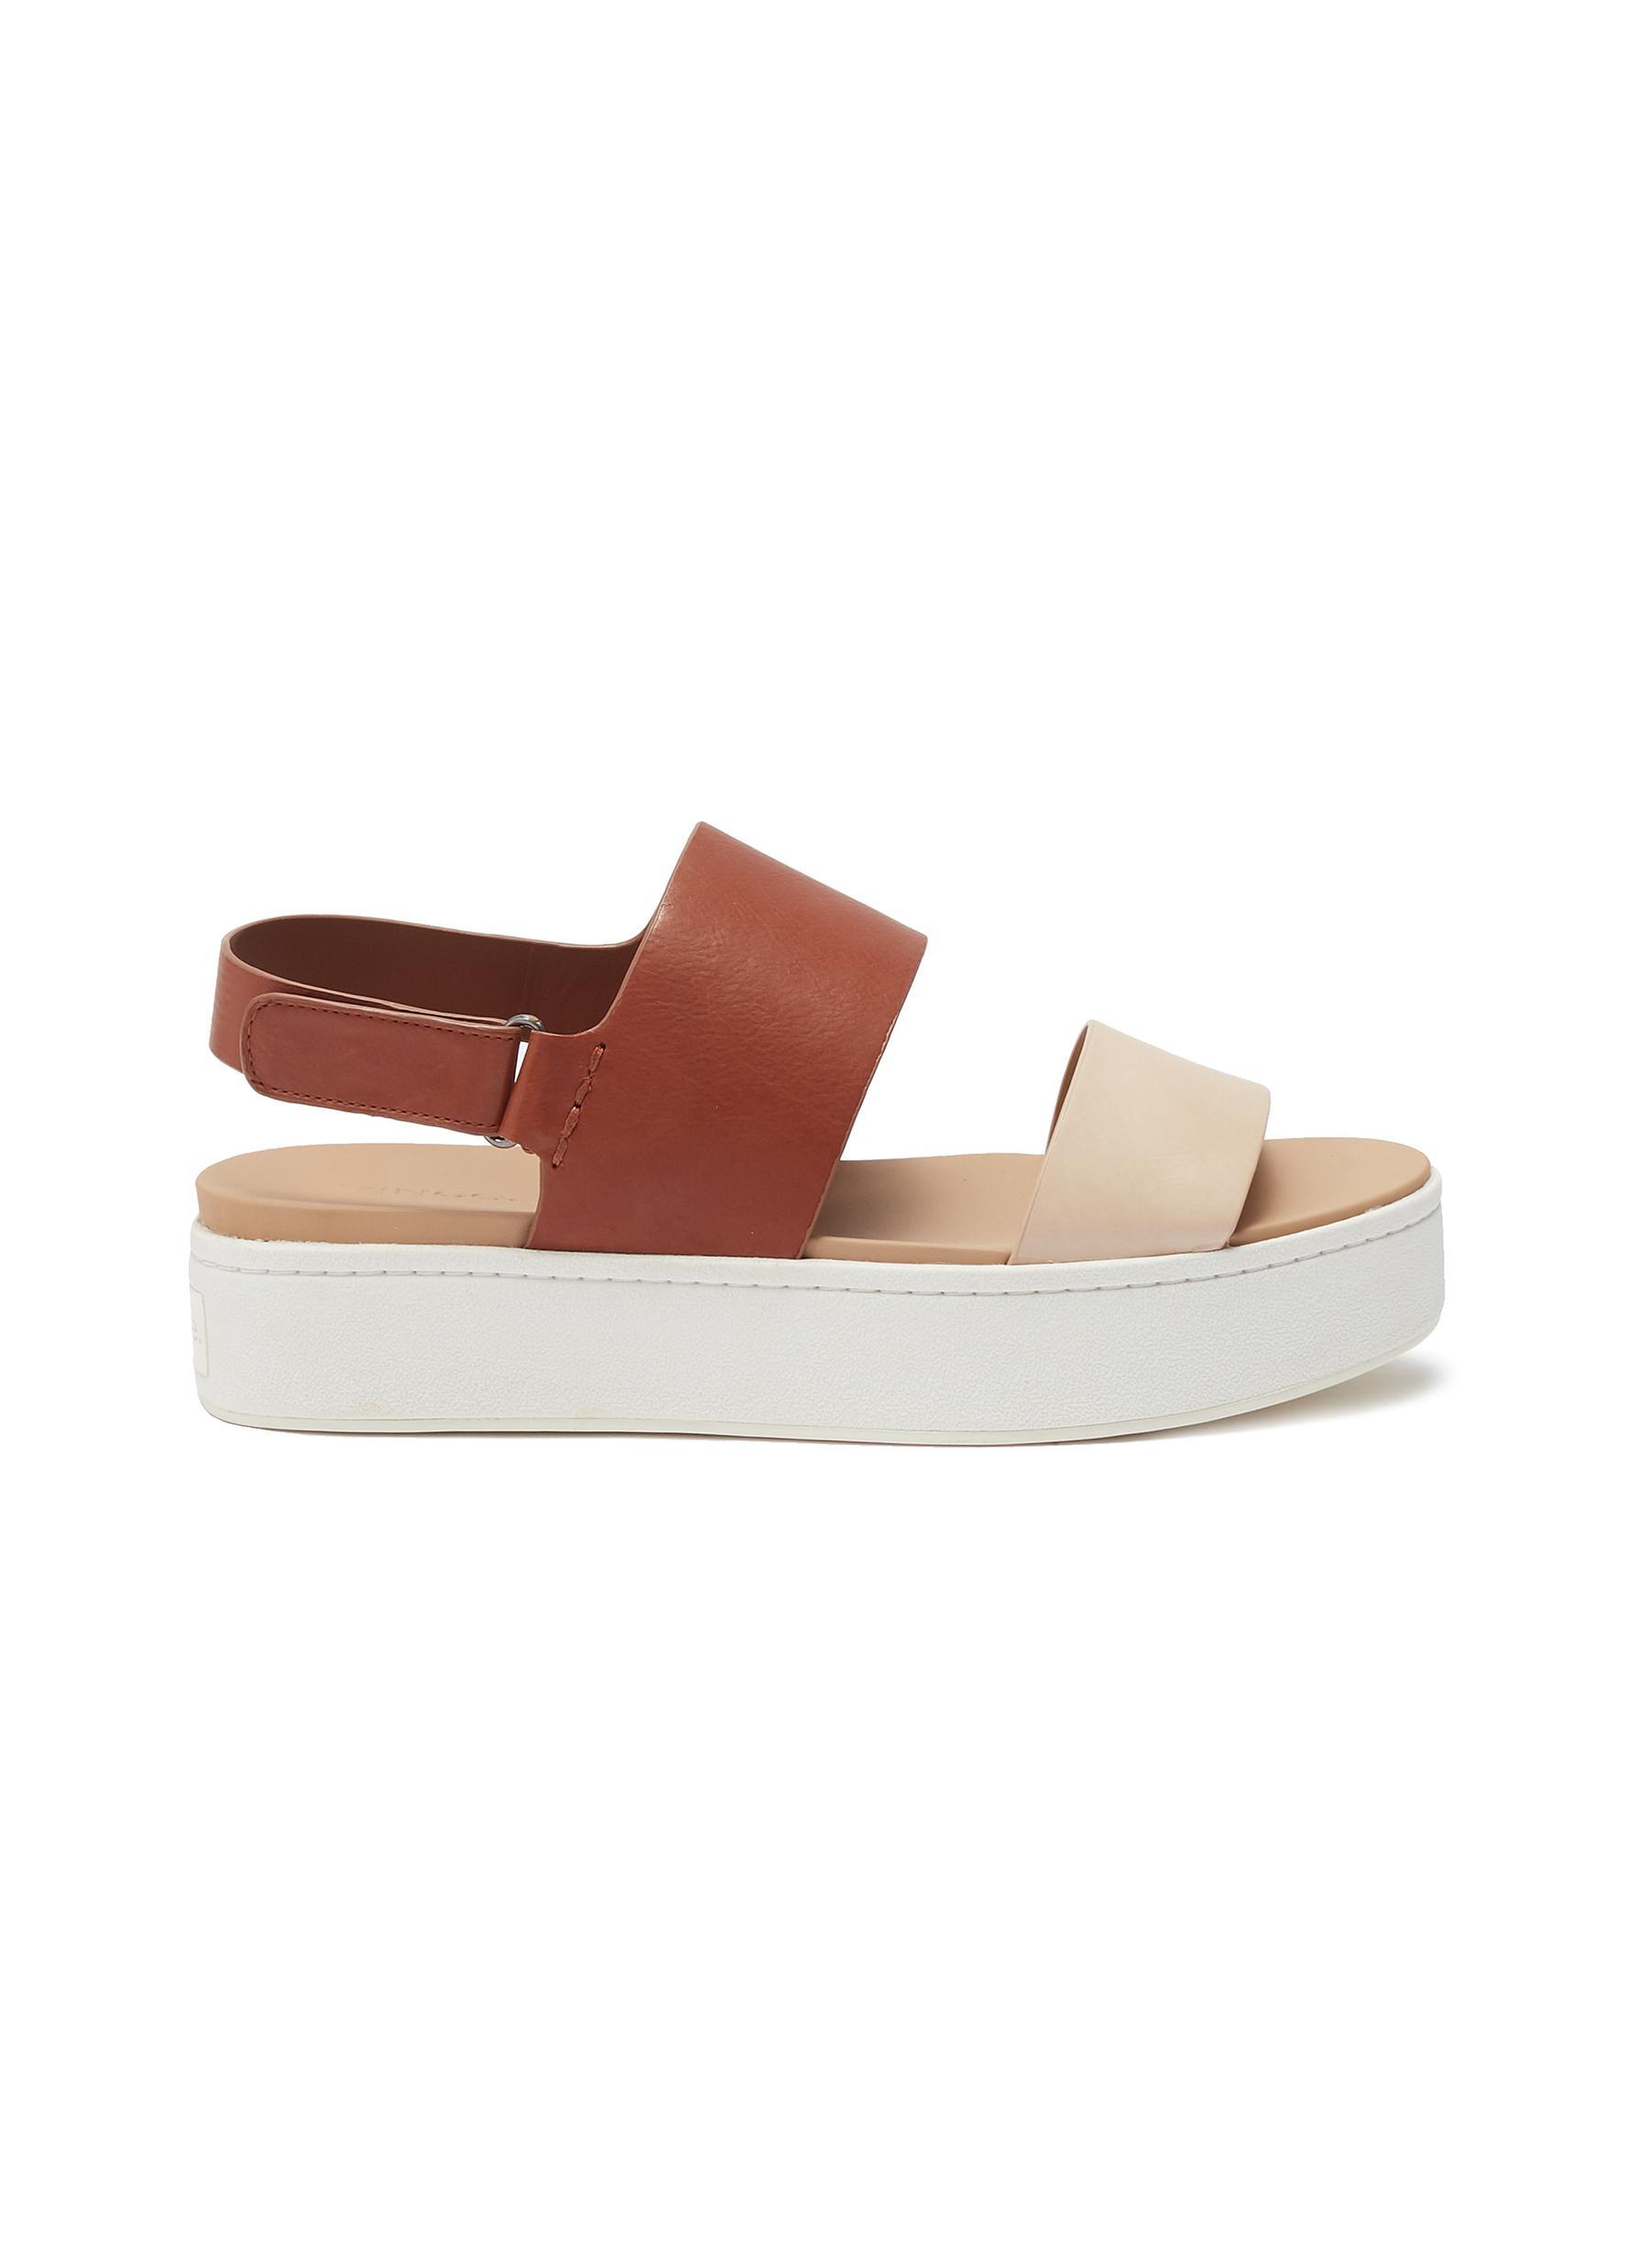 5f4f330ef19 Main View - Click To Enlarge - Vince -  Westport  leather slingback platform  sandals